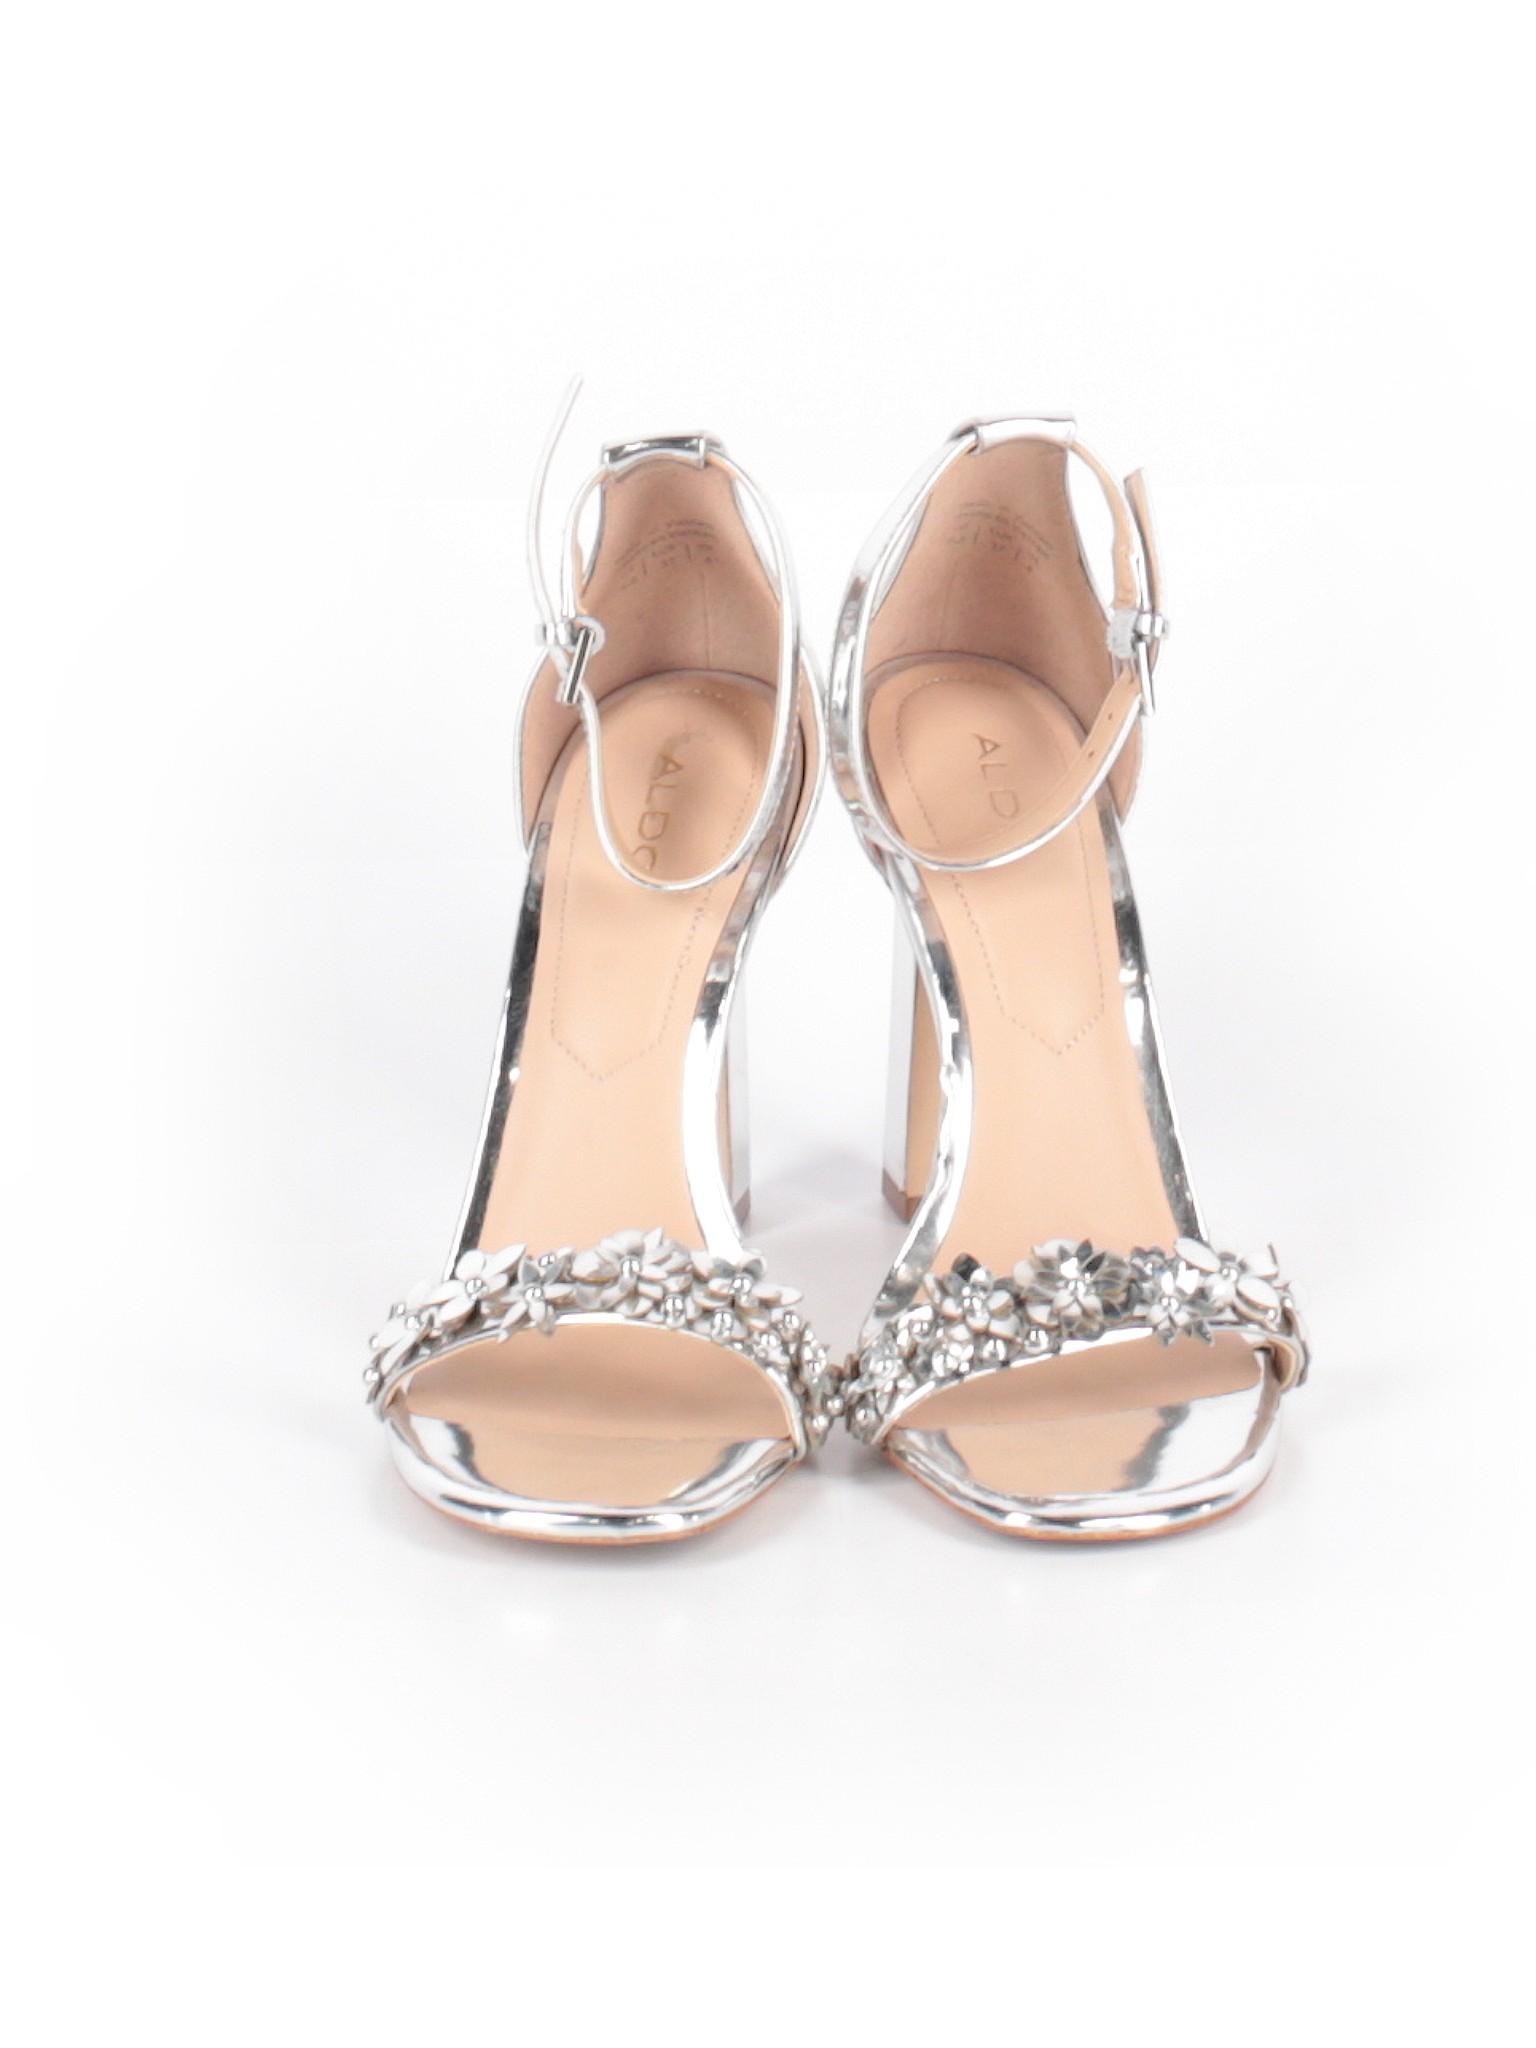 Aldo Boutique Boutique promotion Heels promotion wtqOwr41